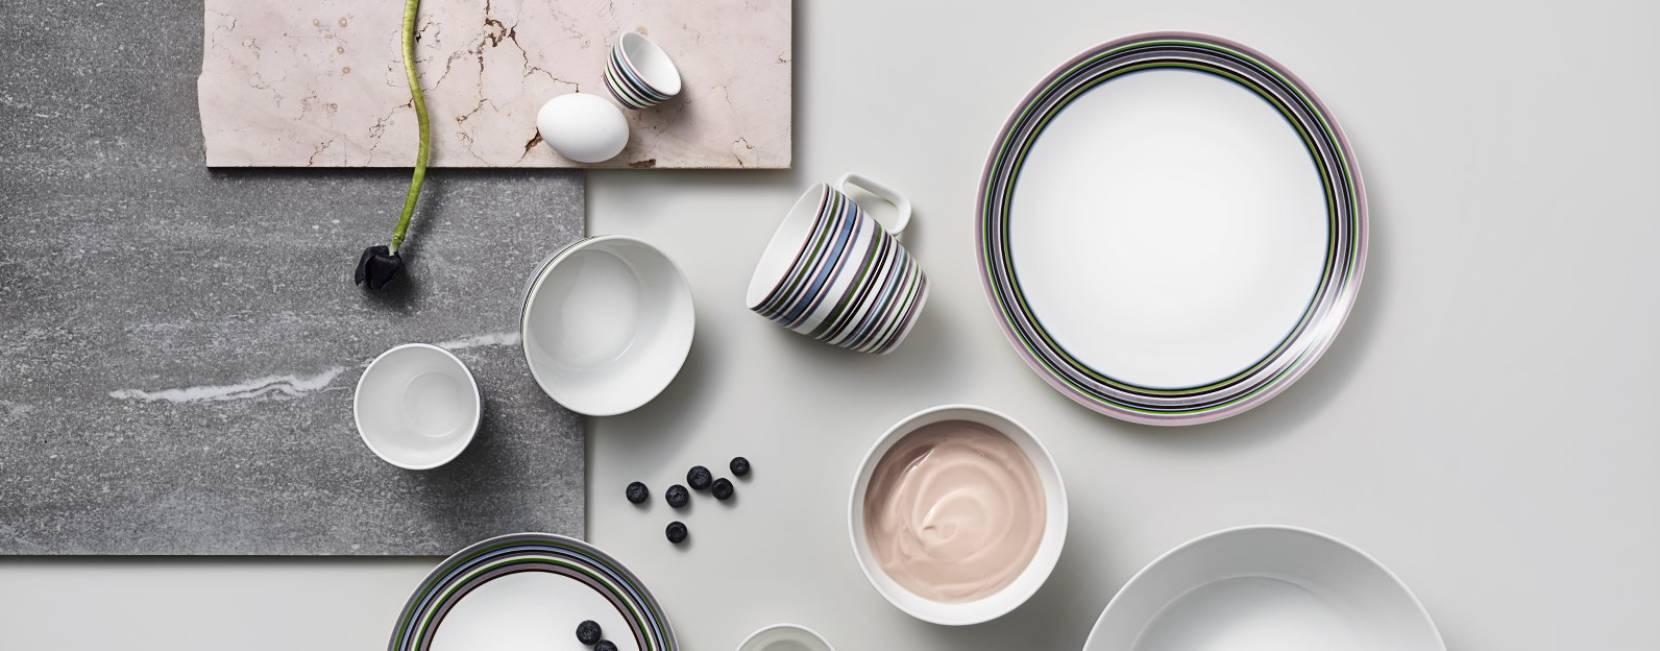 Osobité kombinace z luxusního nádobí iittala Origo.